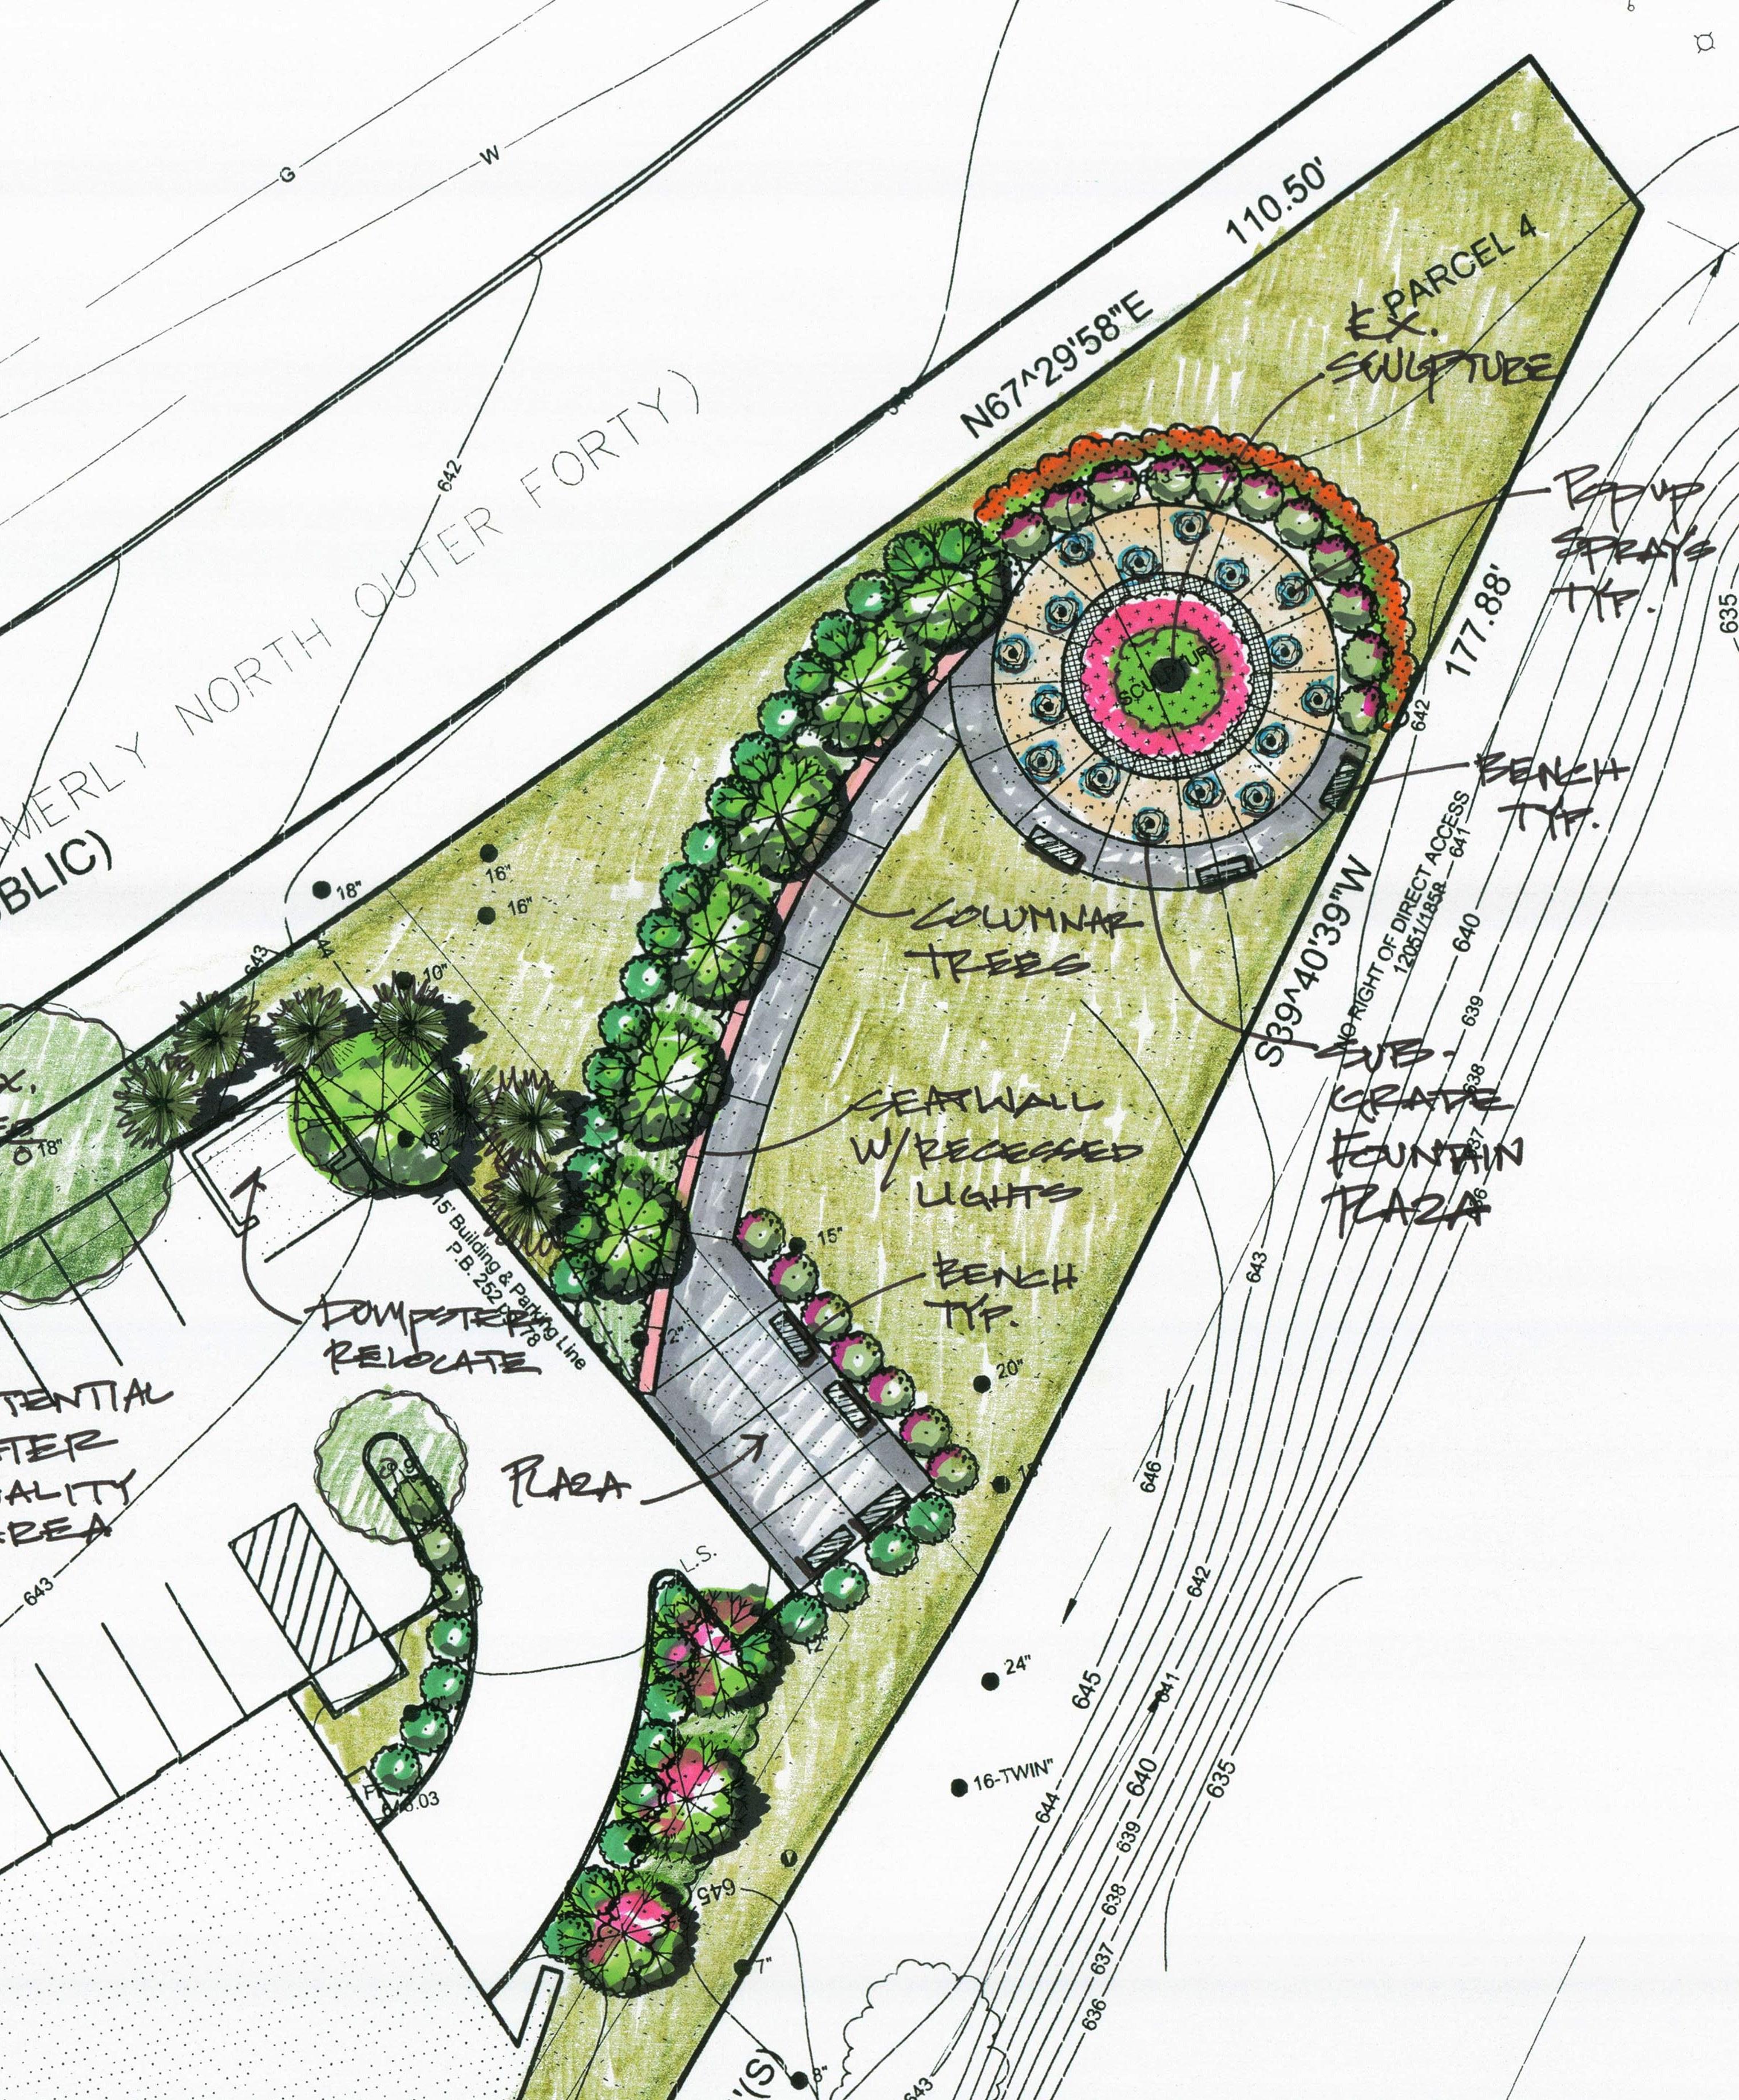 Concept Plan - Sculpture Park